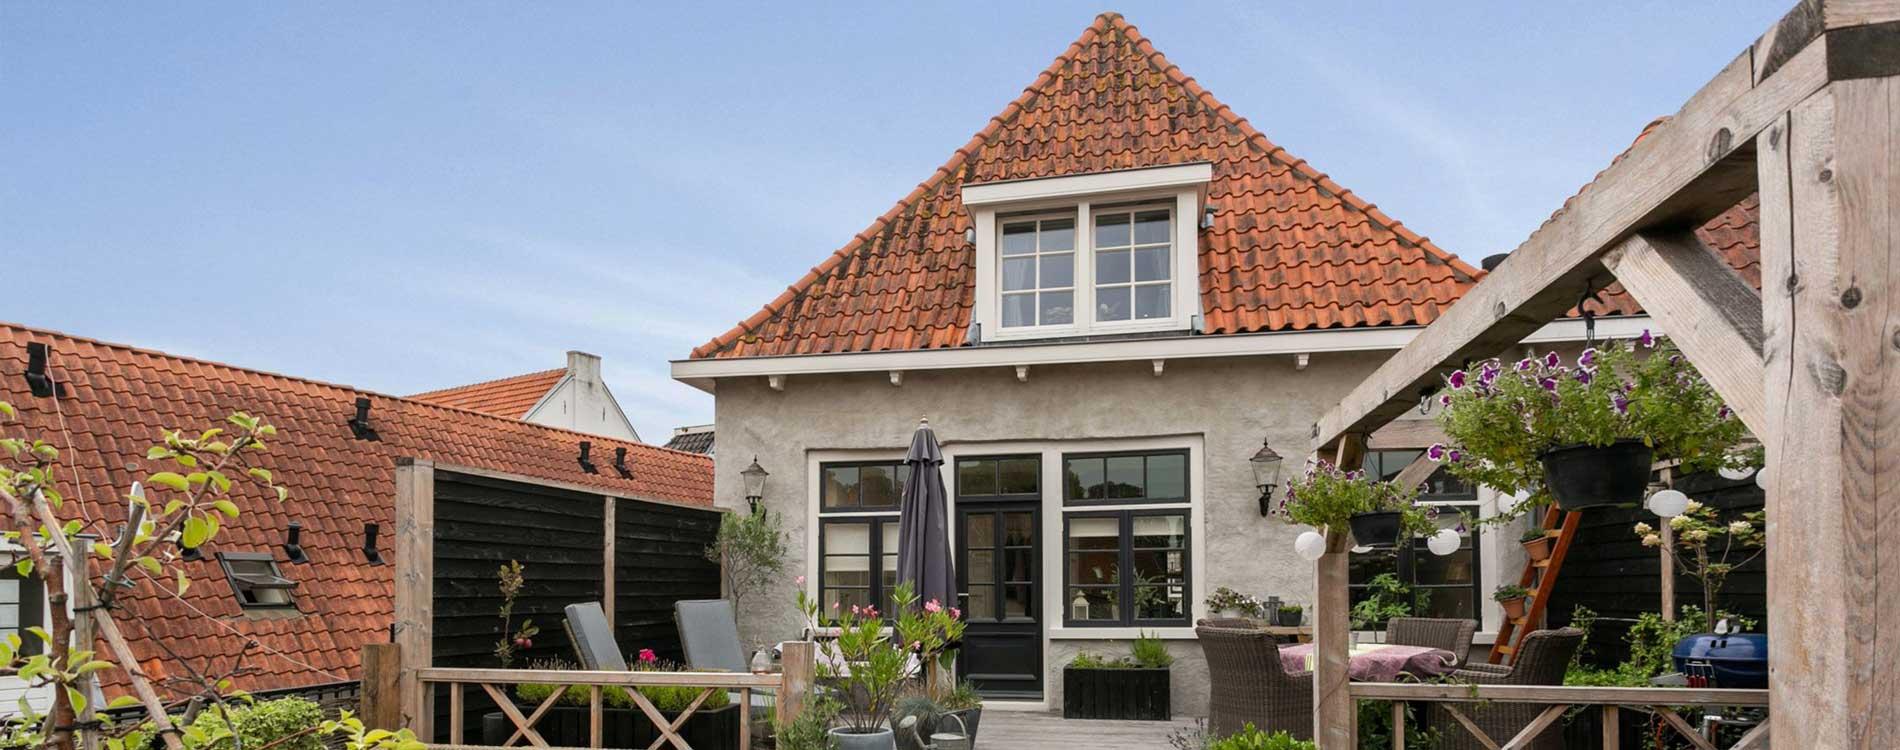 restauratie en verbouwing van oud monumentaal pand in harderwijk door aannemersbedrijf Wielink